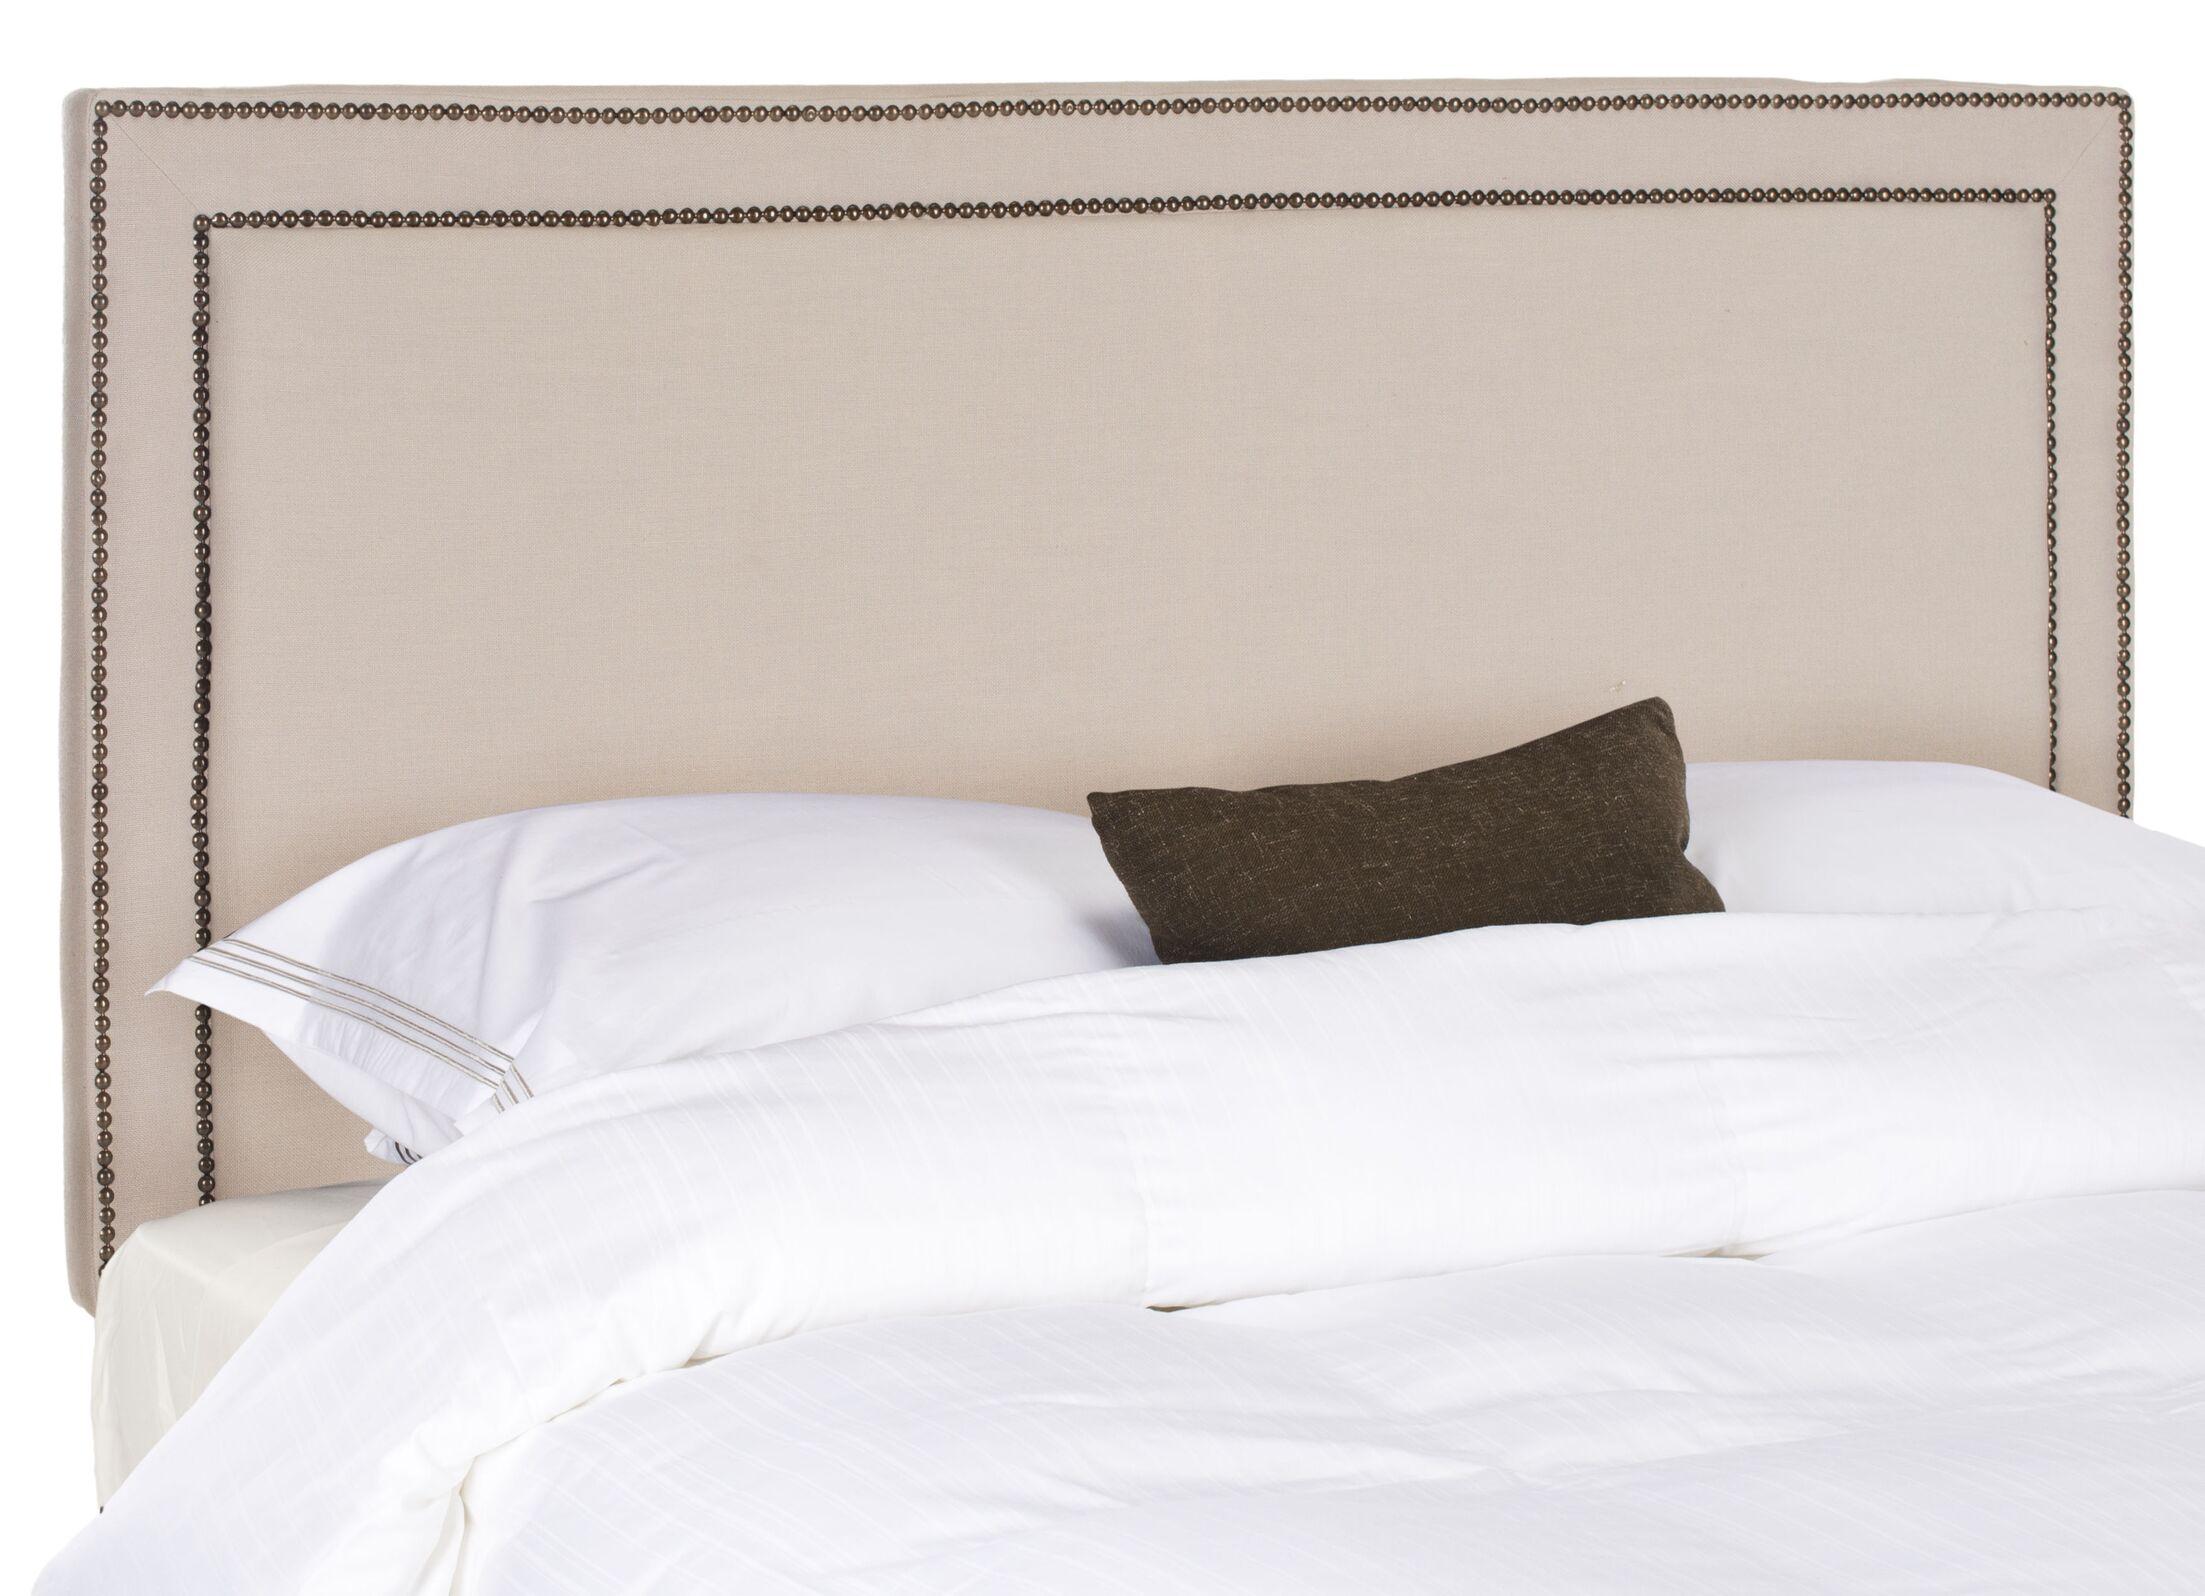 Ginger Upholstered Panel Headboard Upholstery: Linen Taupe, Size: Full